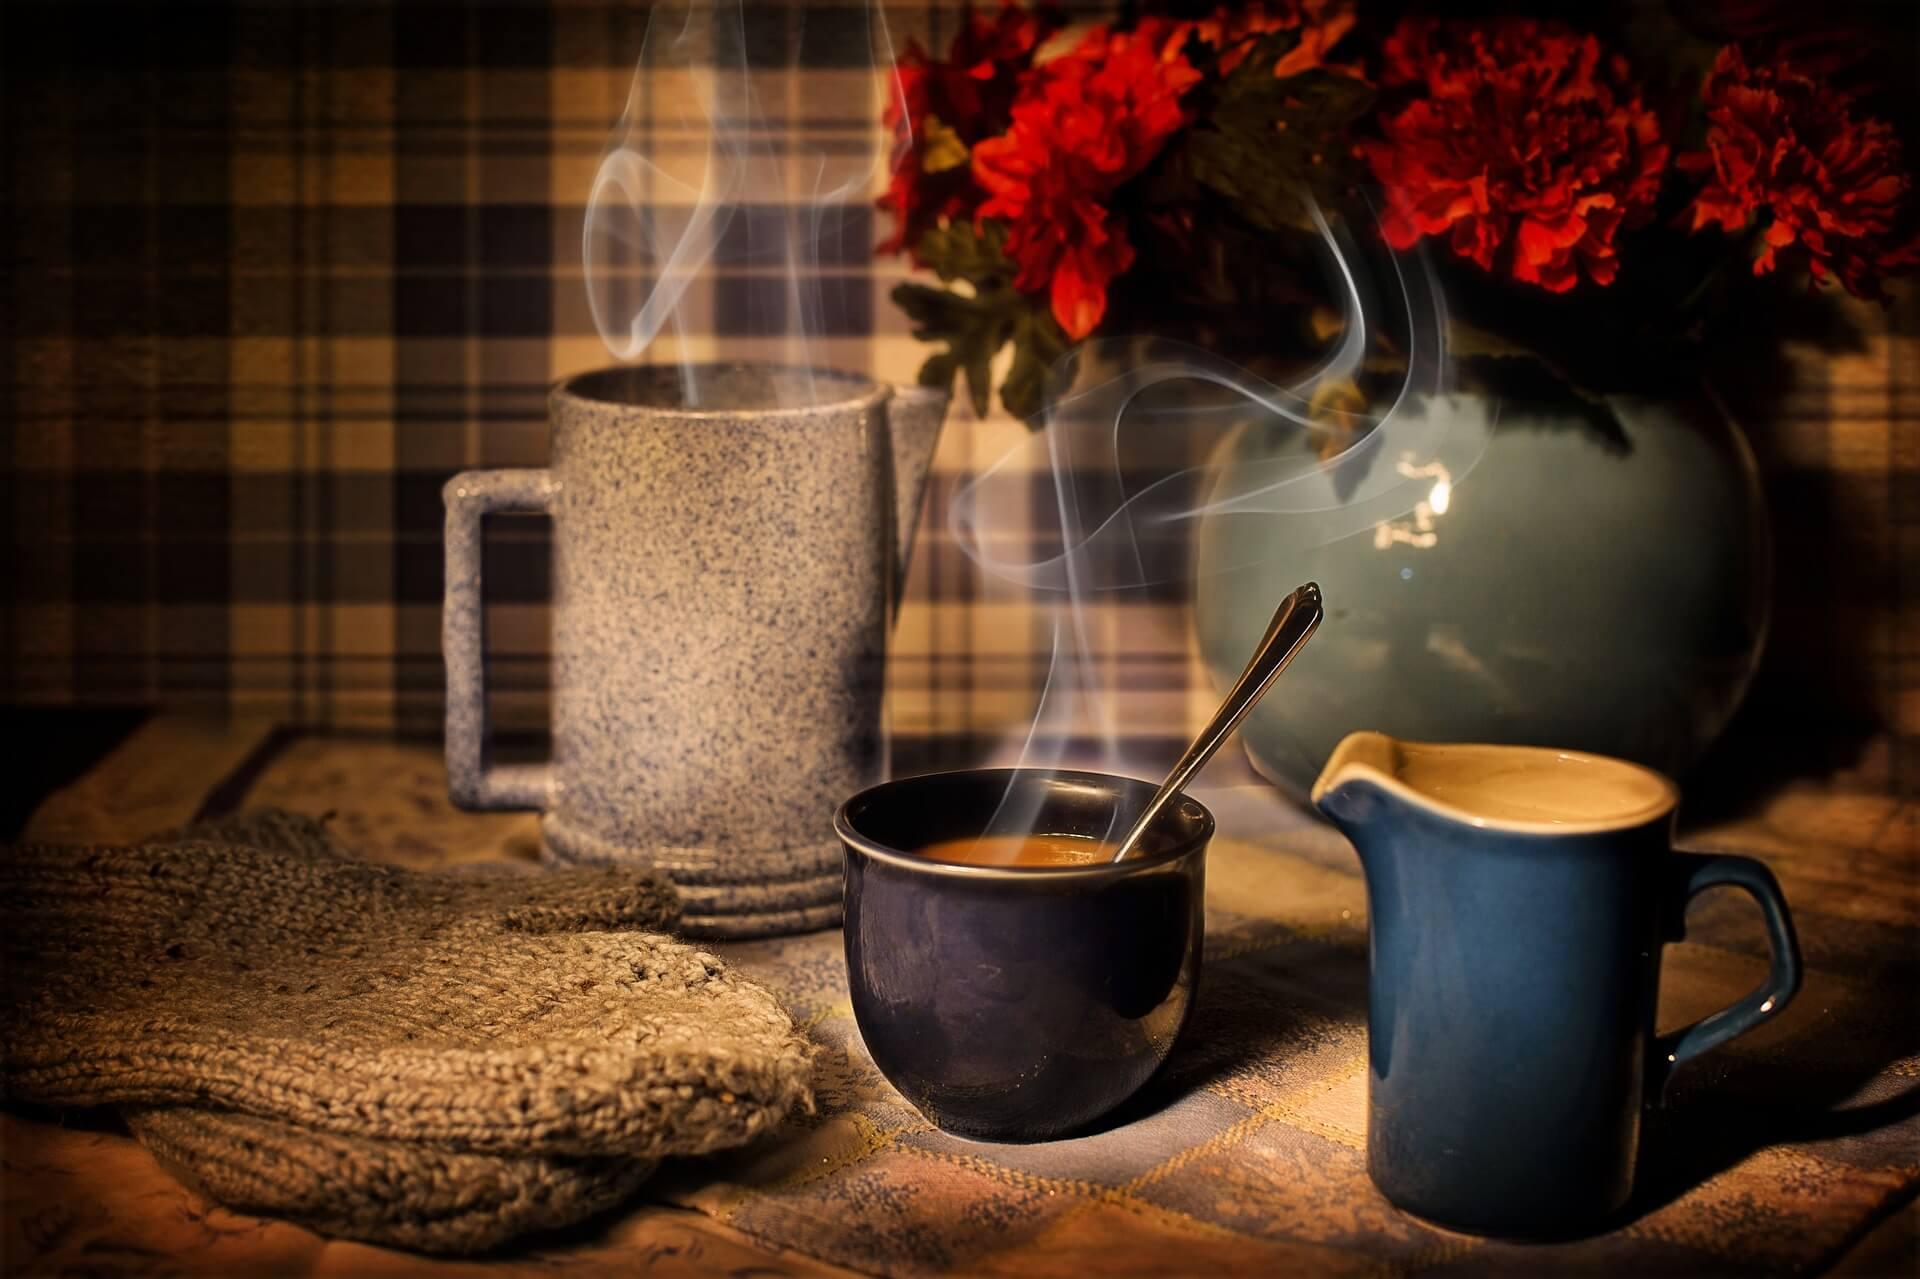 کافی گز چیست ؟ | کافی گز لذت نوشیدن یک قهوه اصیل ایرانی